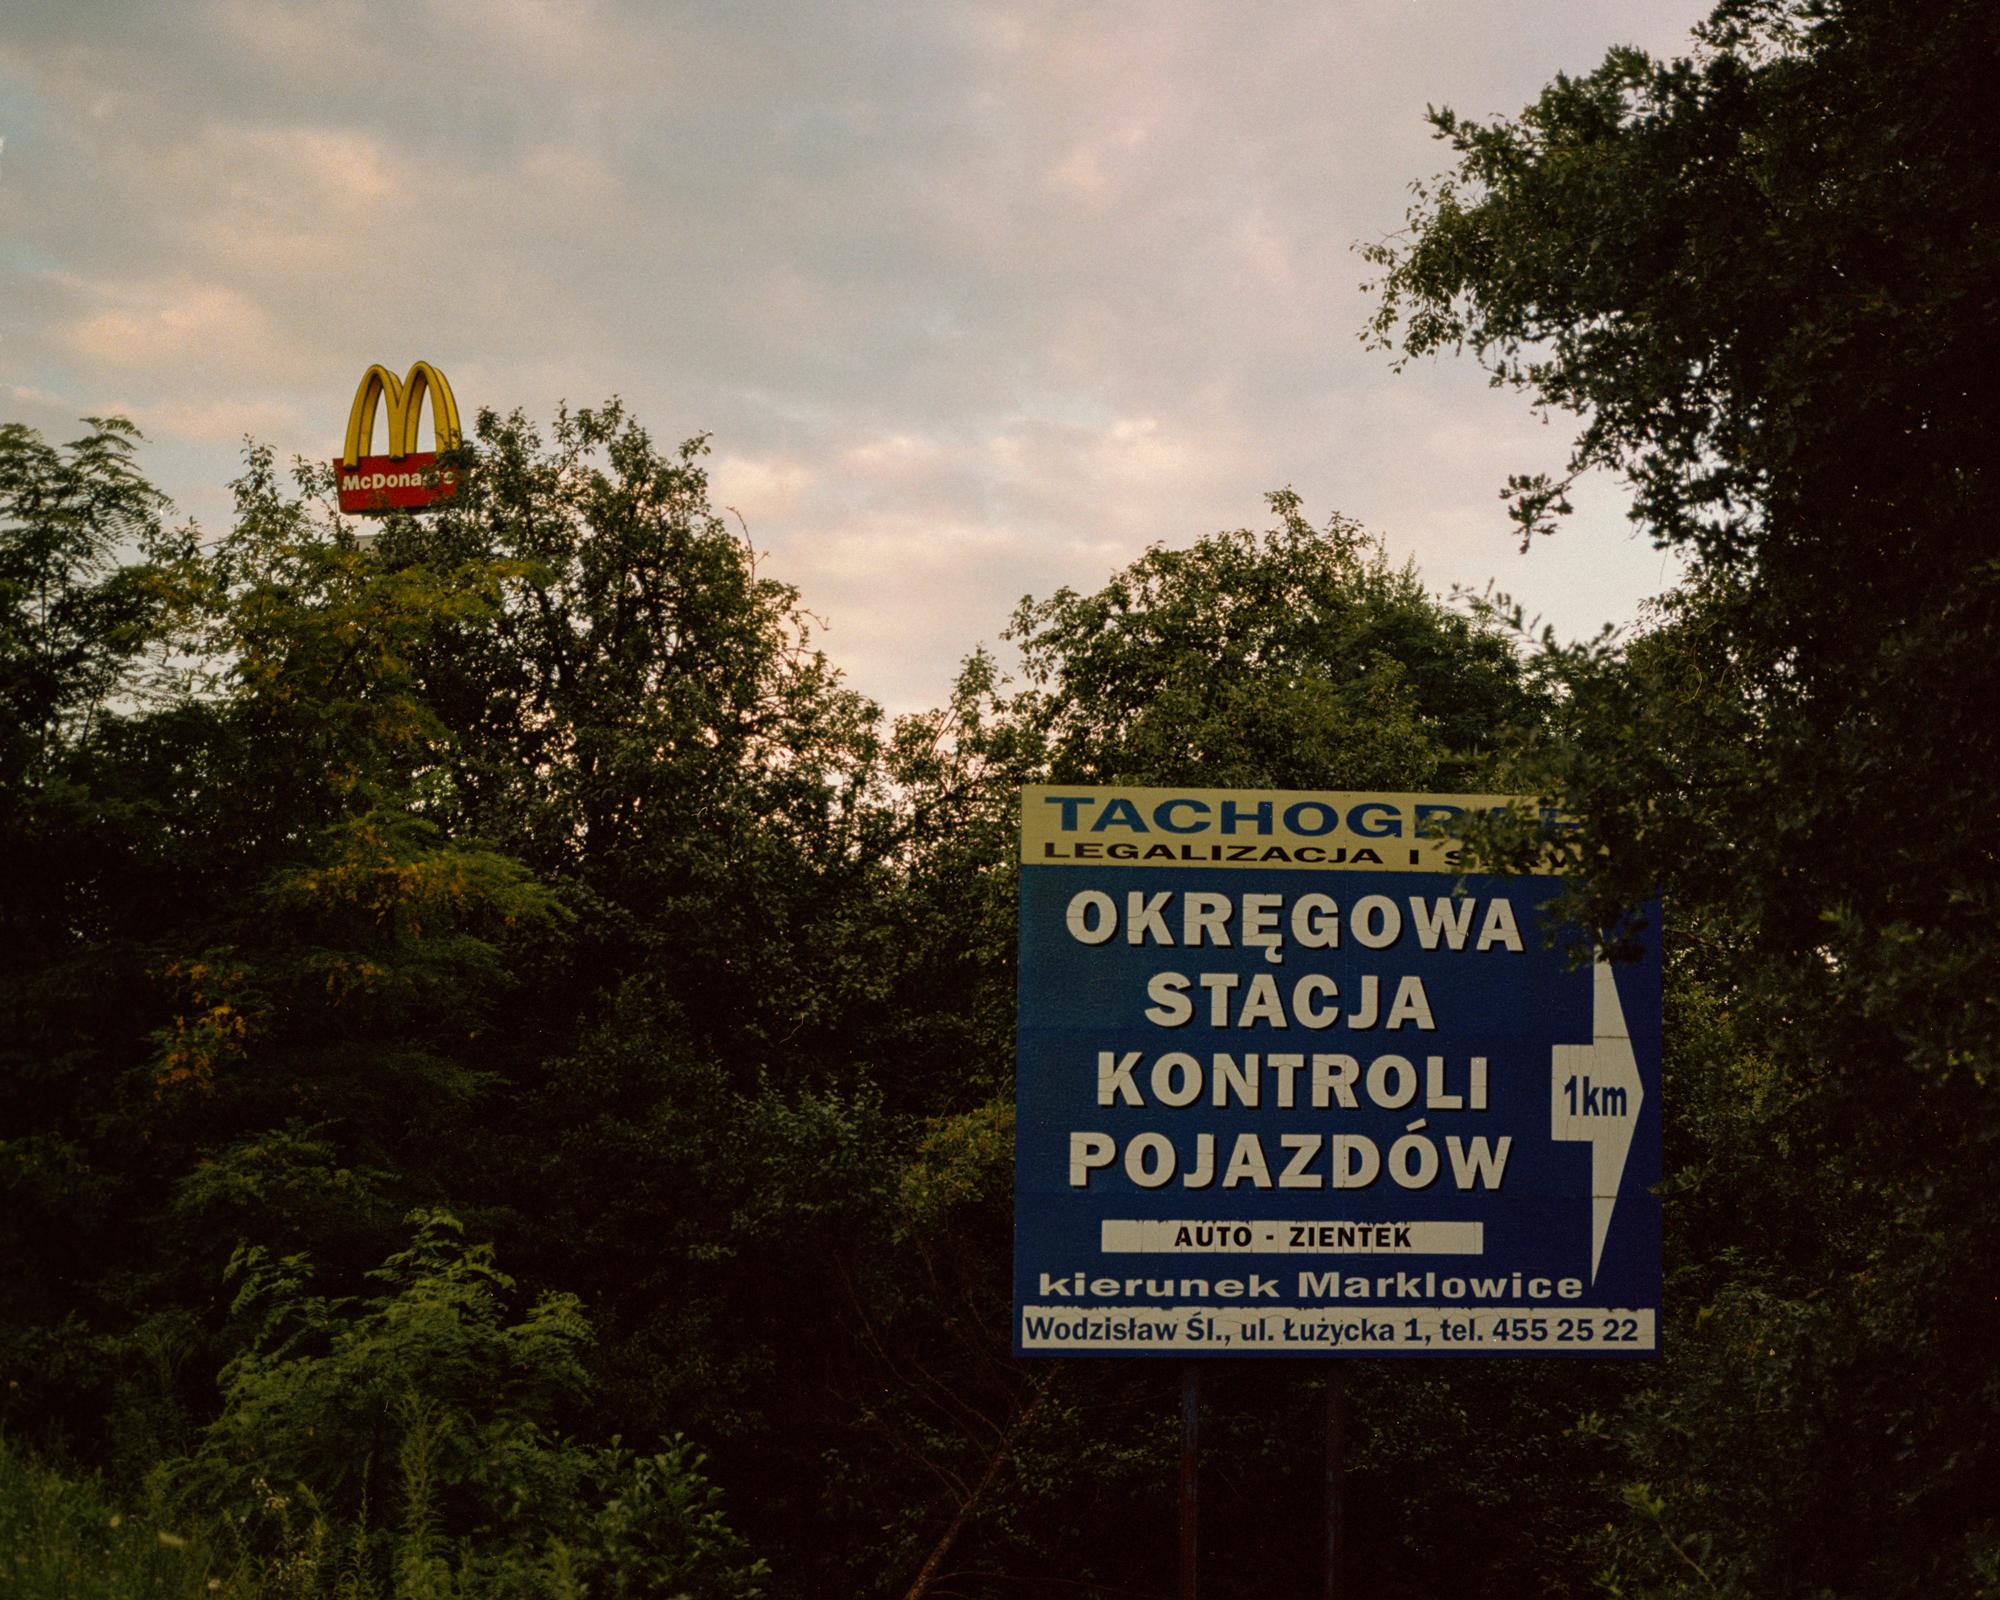 Wodzislaw, 2016